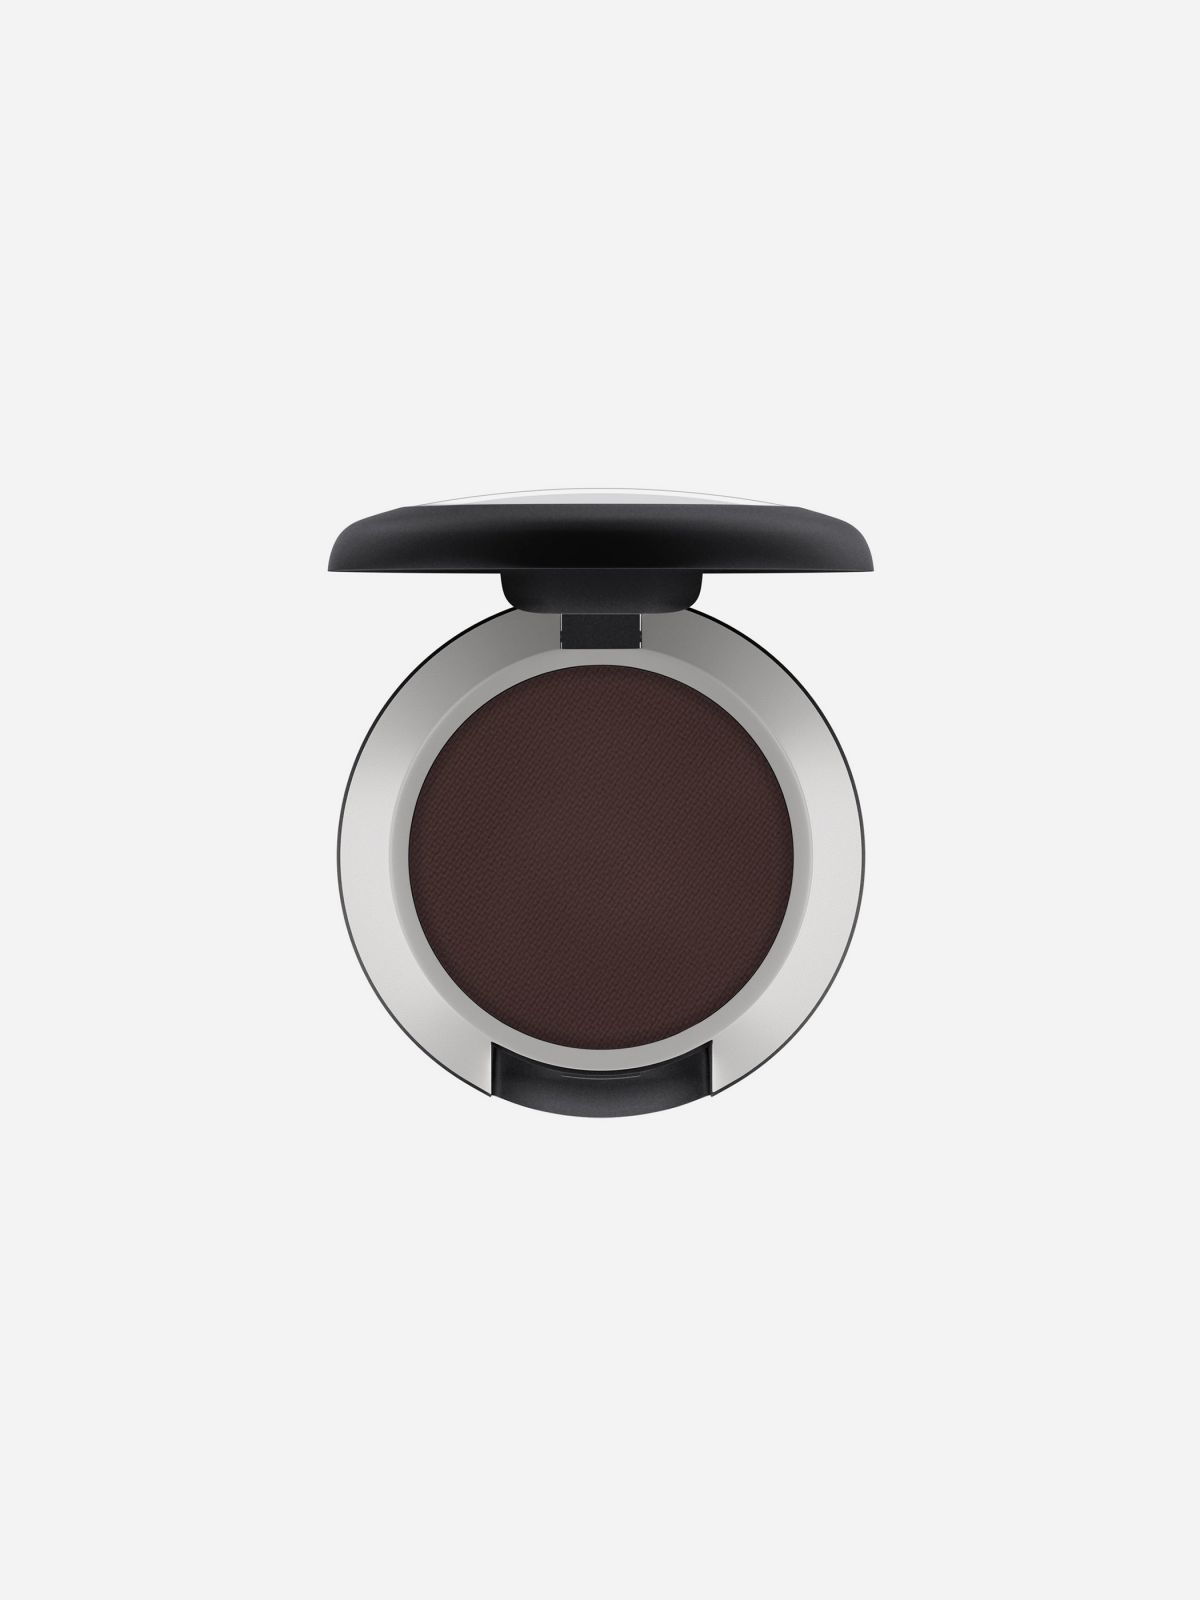 צללית עיניים / Powder Kiss Eye Shadowצללית עיניים / Powder Kiss Eye Shadow של MAC